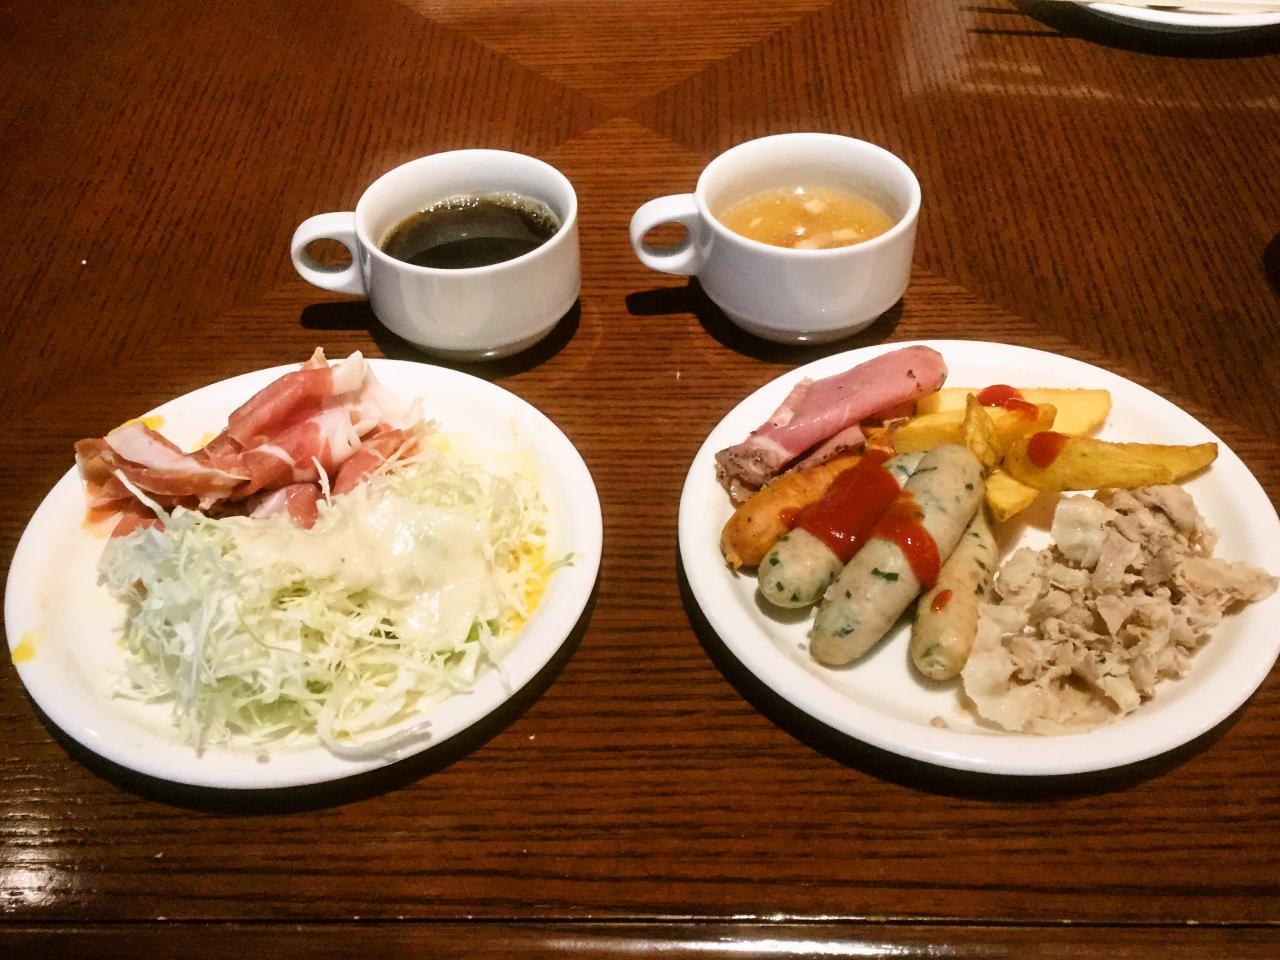 バルマルシェコダマ ステーキ&ロブスター アトレ目黒店(食べ放題)